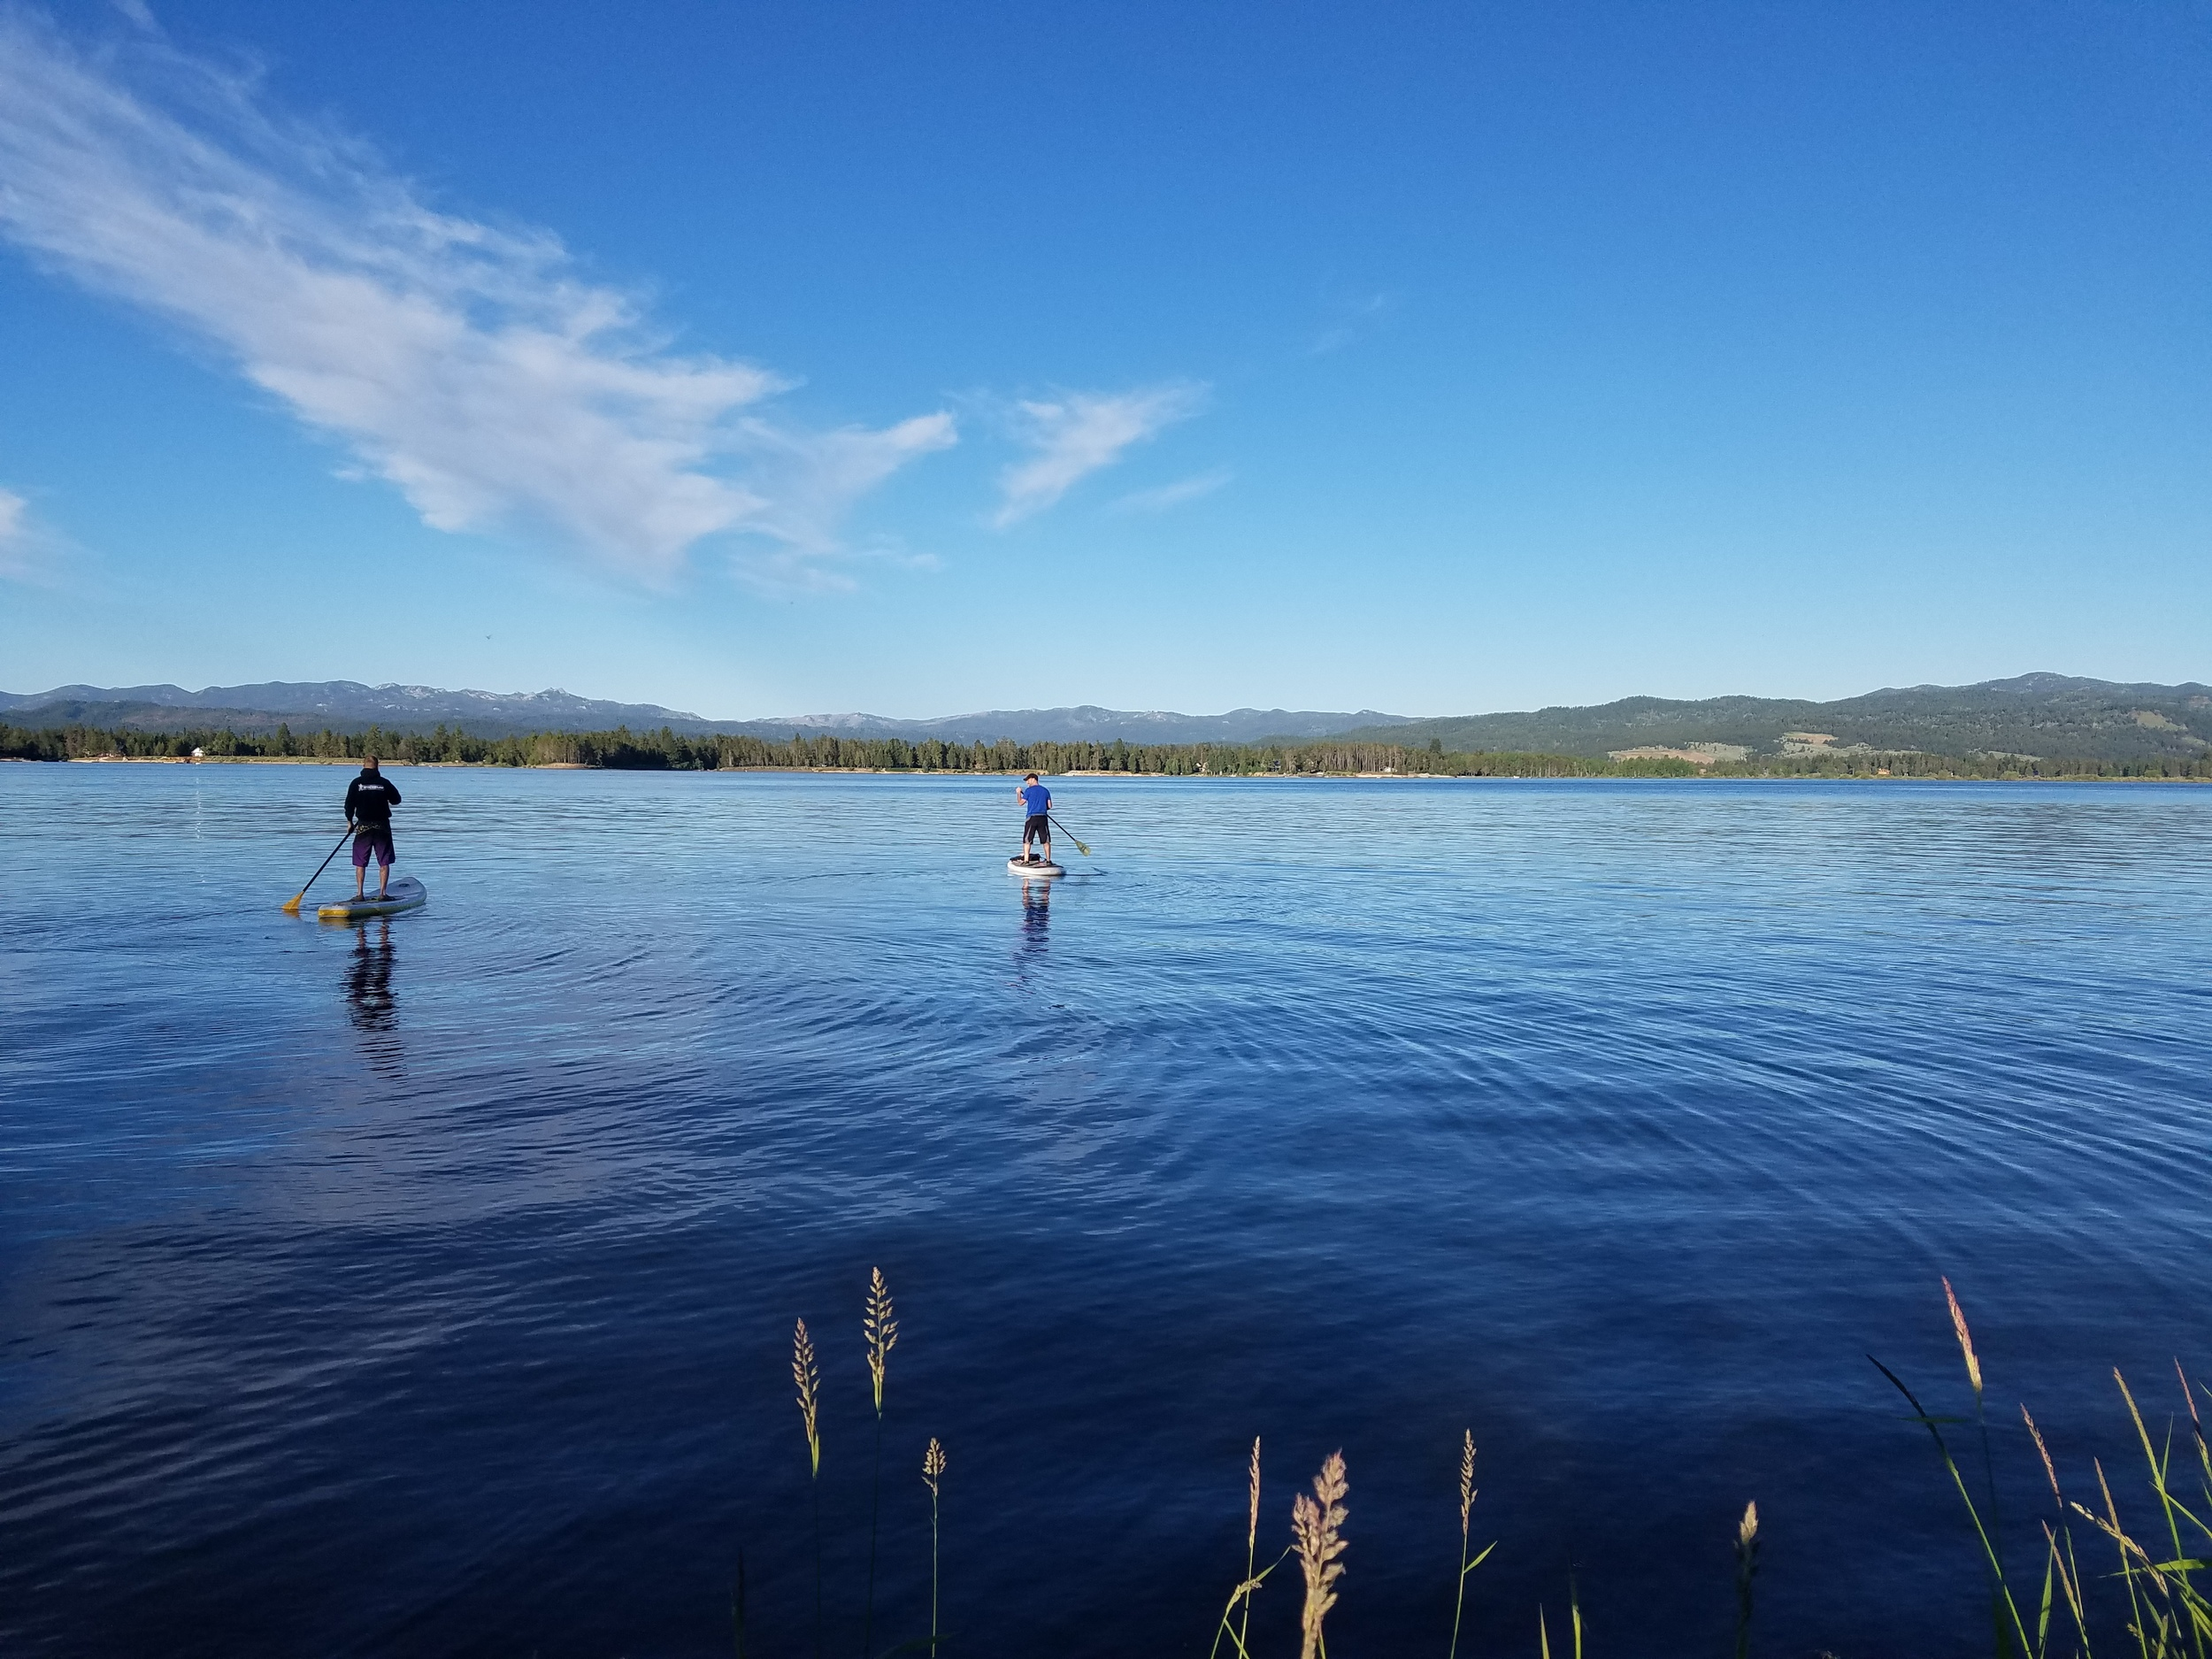 vanlife-rv-campervan-rent-idaho-sun-valley-boise-wandervans-wanderlust-skiing-snowboard-biking-hiking-outsidevan-Wandervans-stanley-flow-trail-mccall